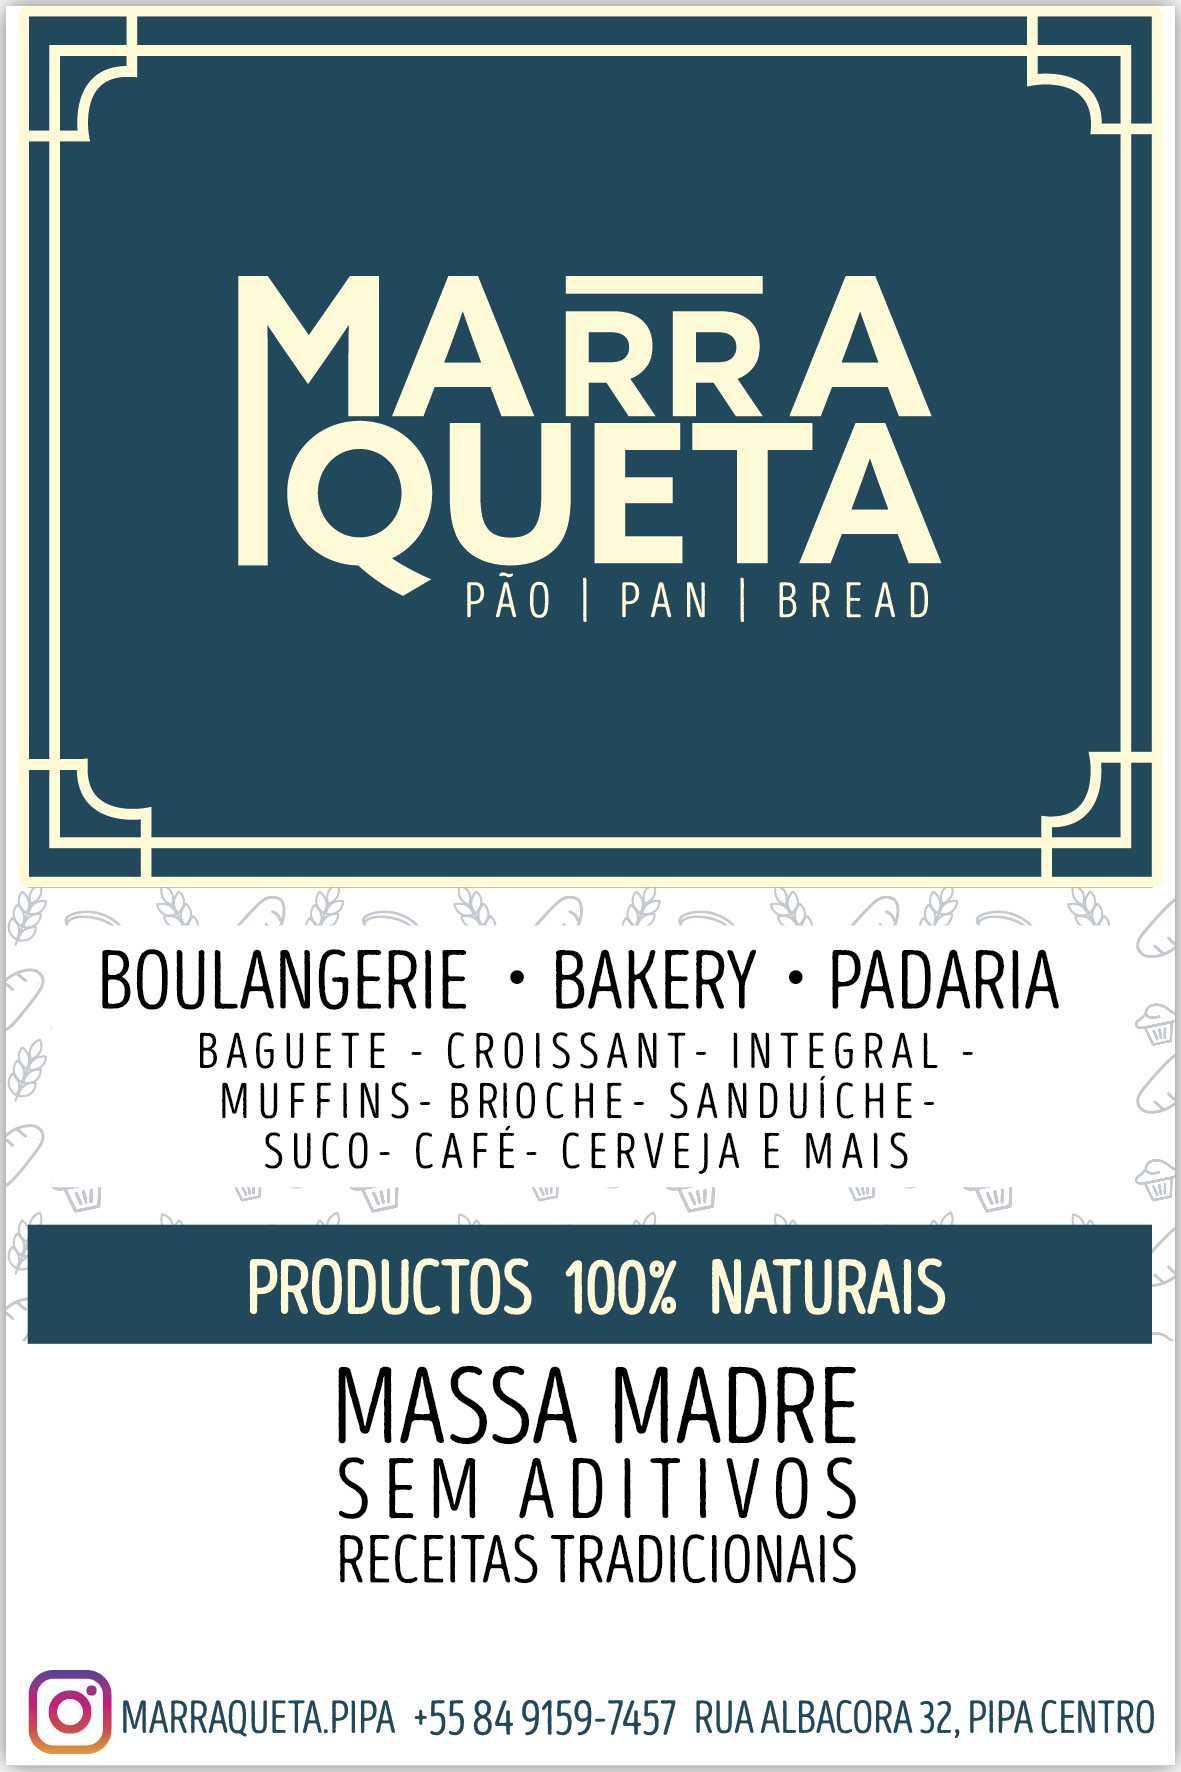 Padaria Marraqueta